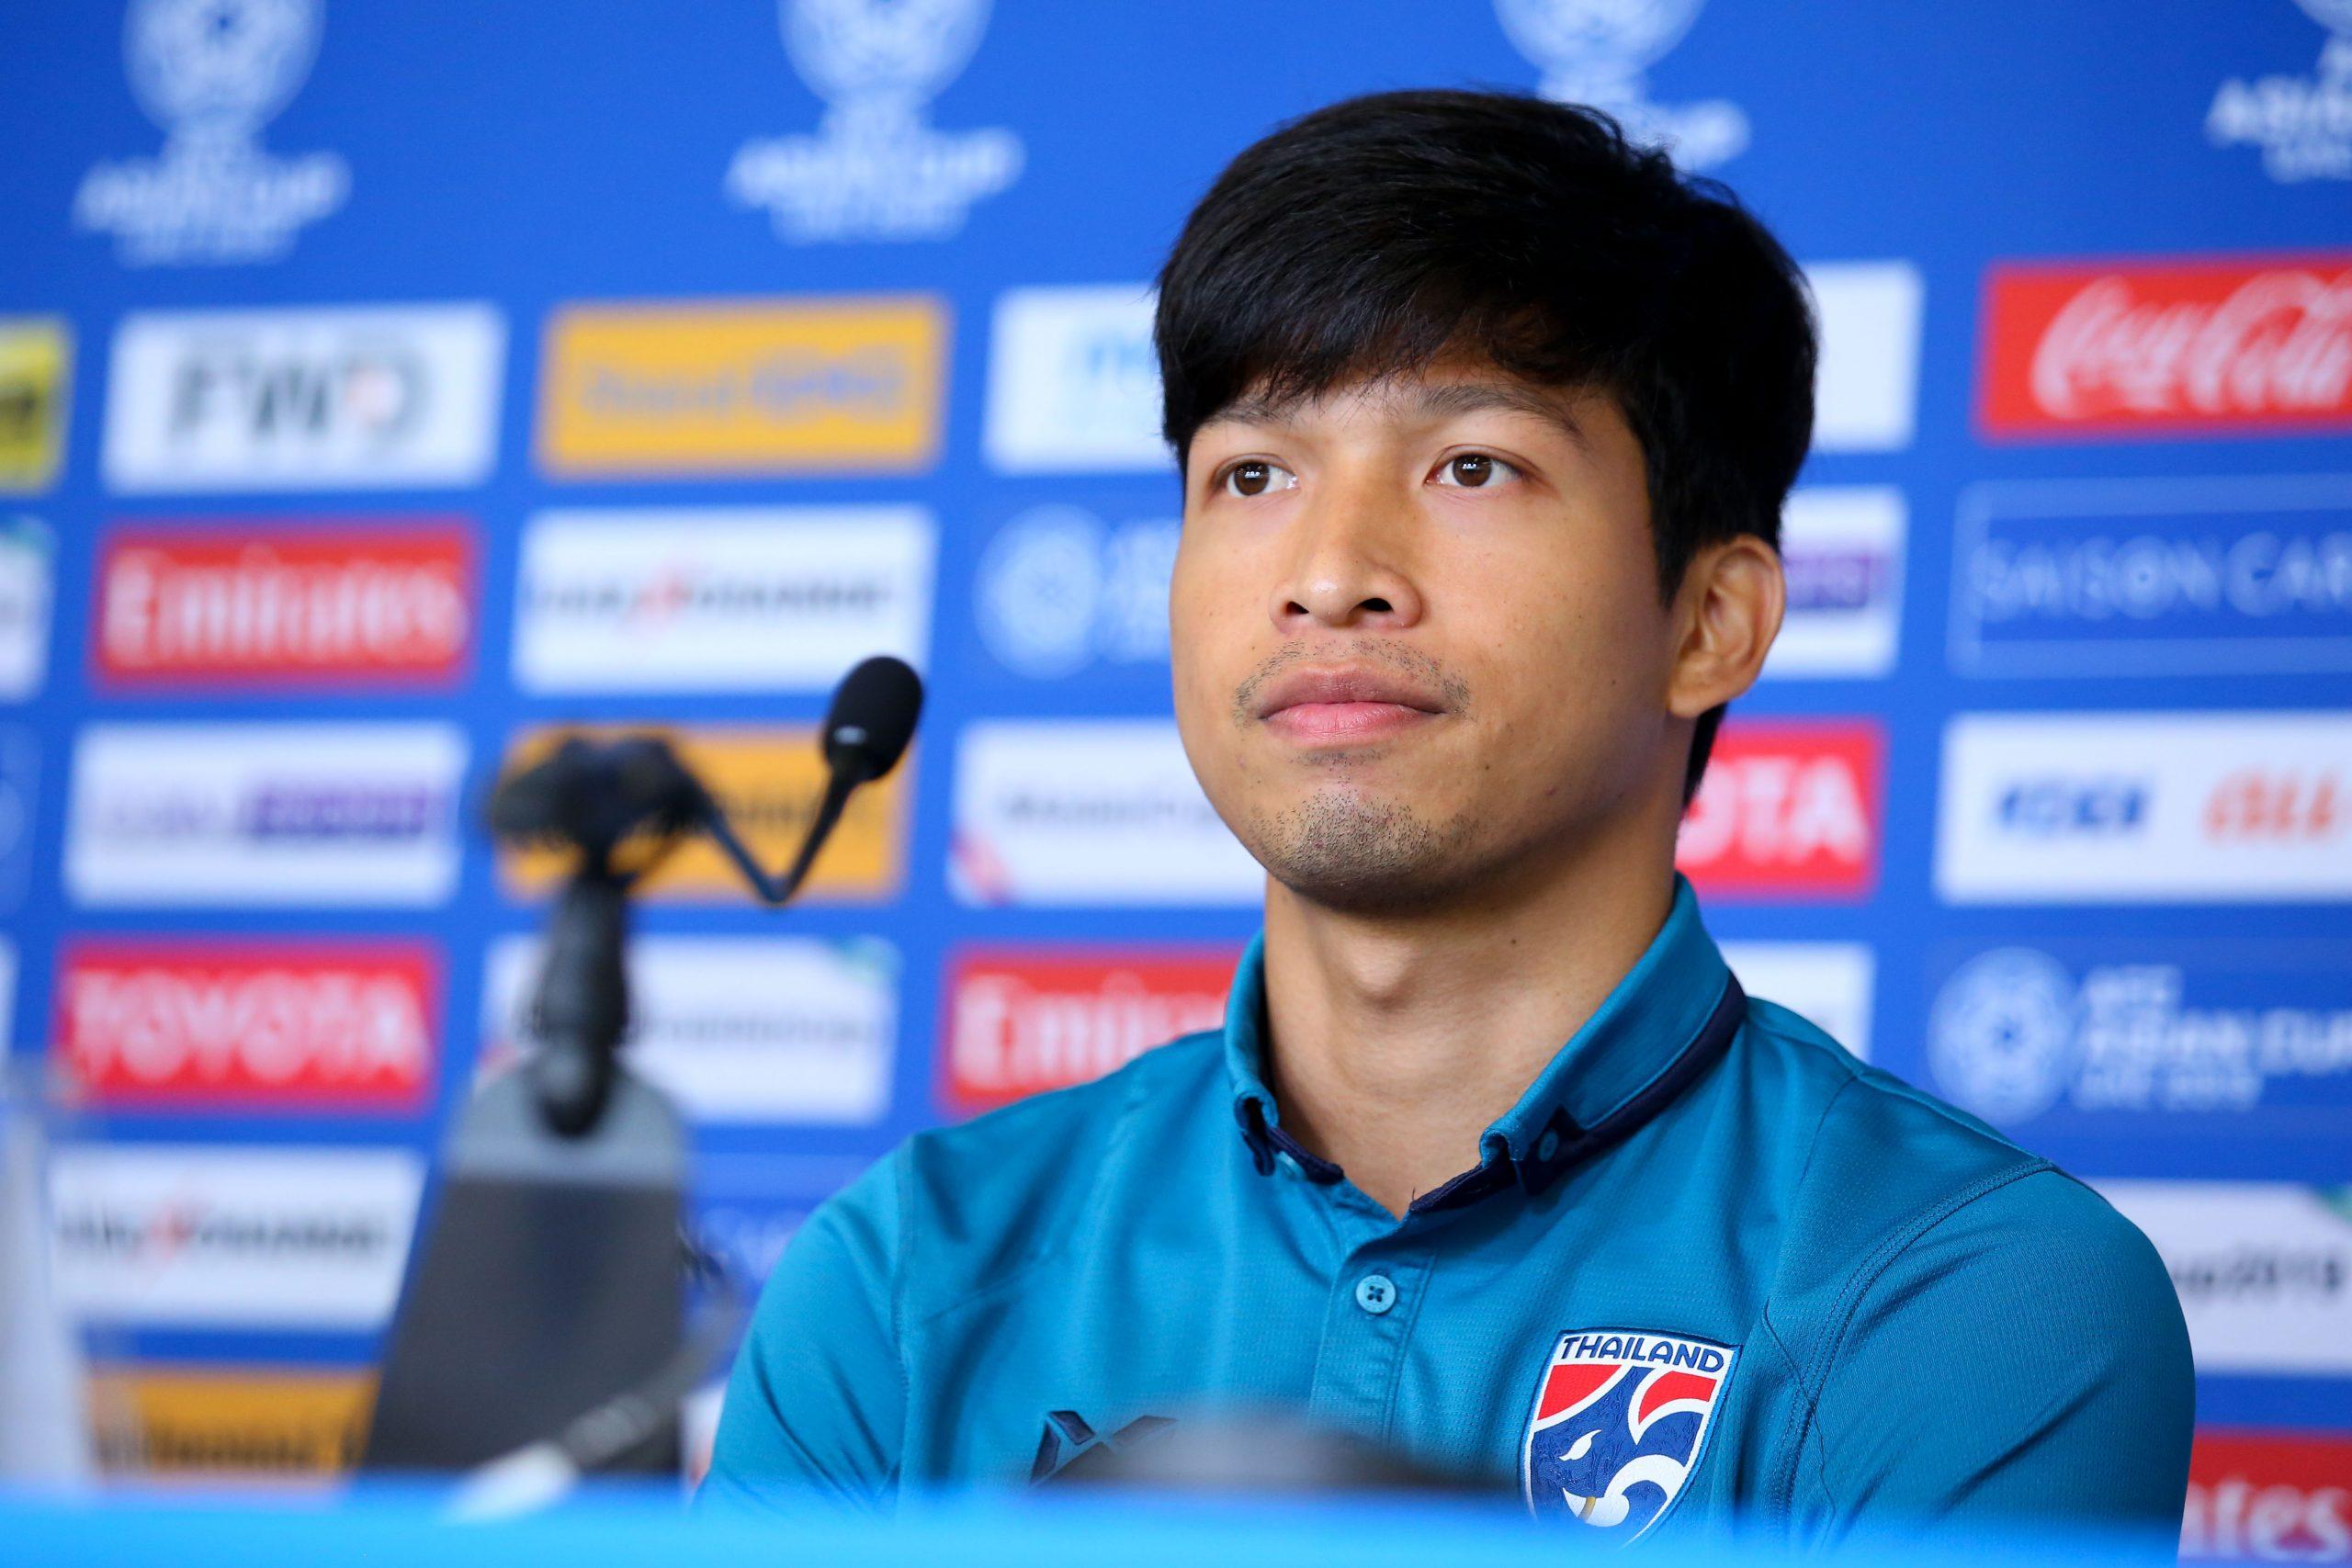 ทีมชาติจีน ทีมชาติไทย ธนบูรณ์ เกษารัตน์ เอเชียนคัพ 2019